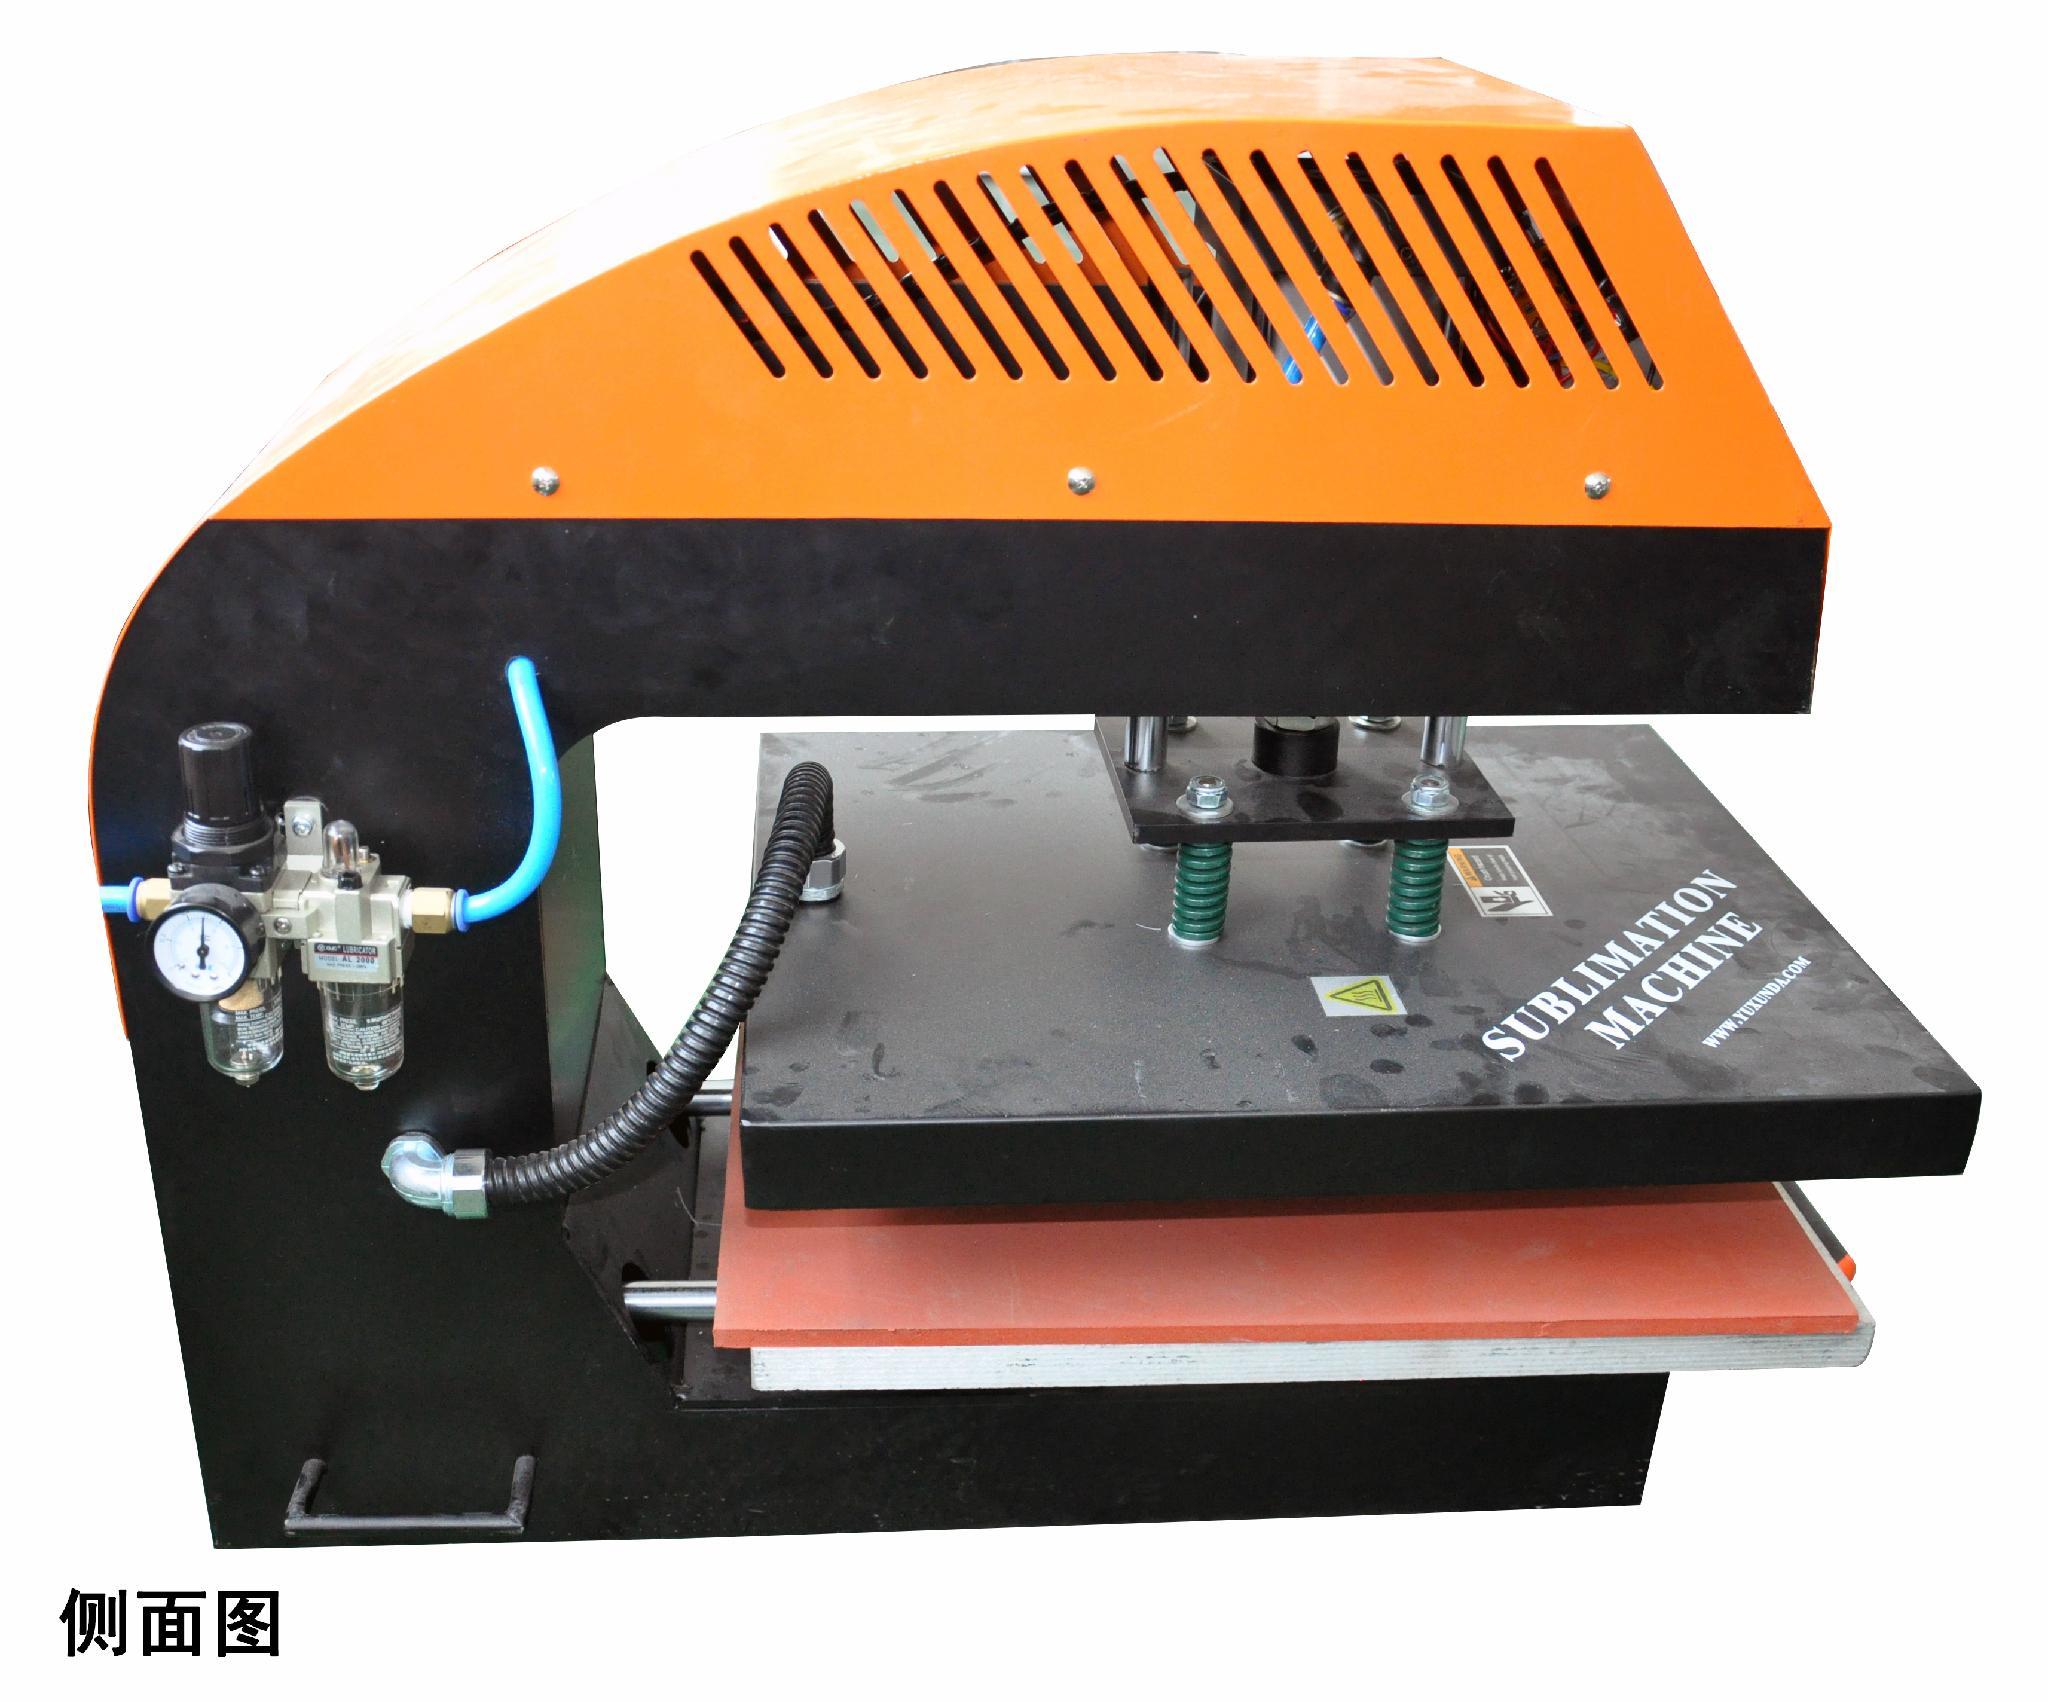 A9氣動雙工位燙畫機 13